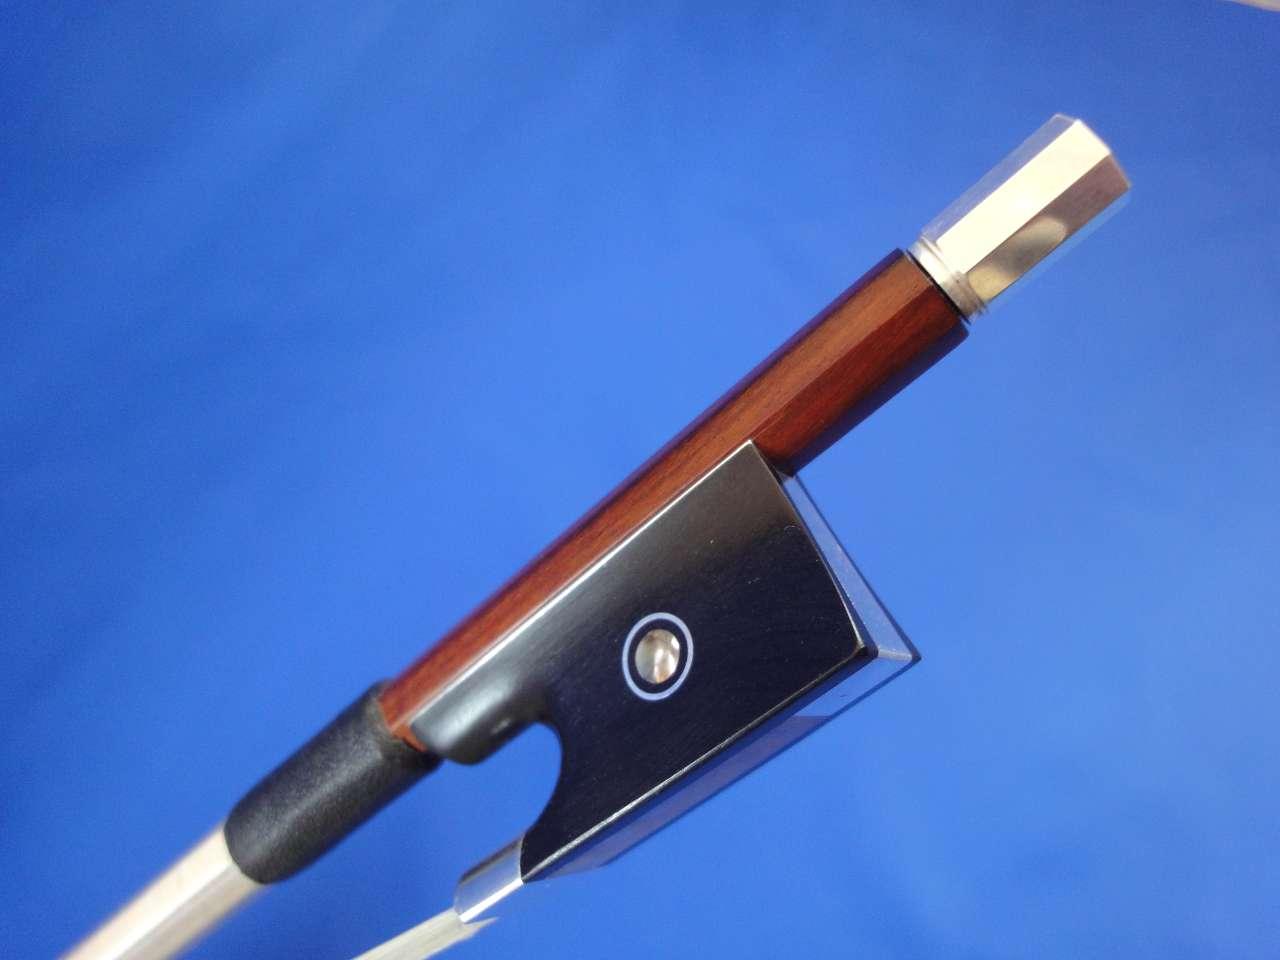 画像1: Yin Guohua弓工房 トップレベルペルナンブーコ・AAA級パリジャンアイシルバー・バイオリン弓